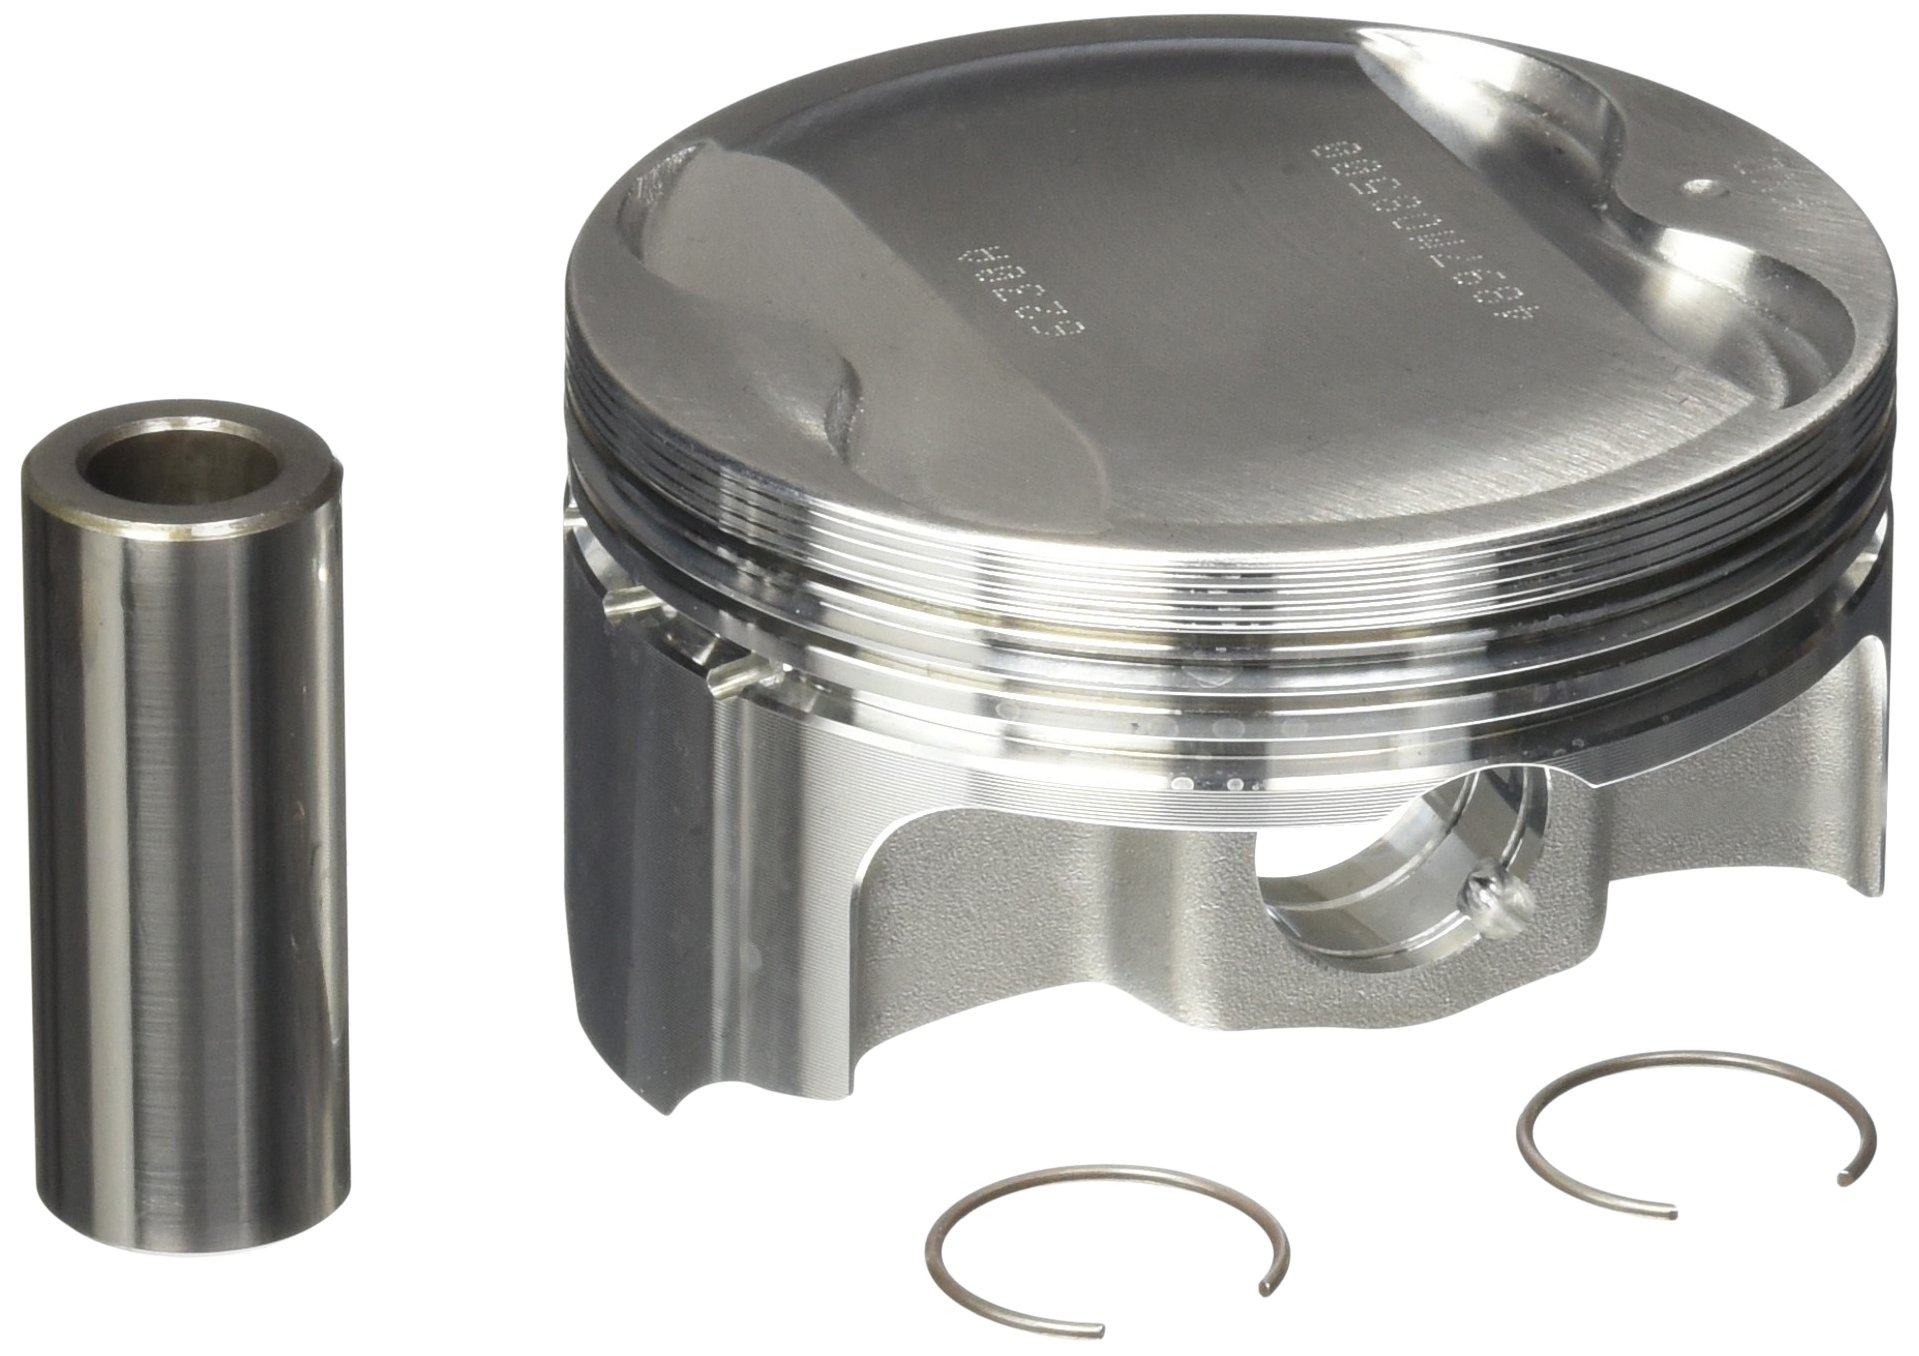 Wiseco 4897M08500 85.00mm 11.5:1 Compression ATV Piston Kit